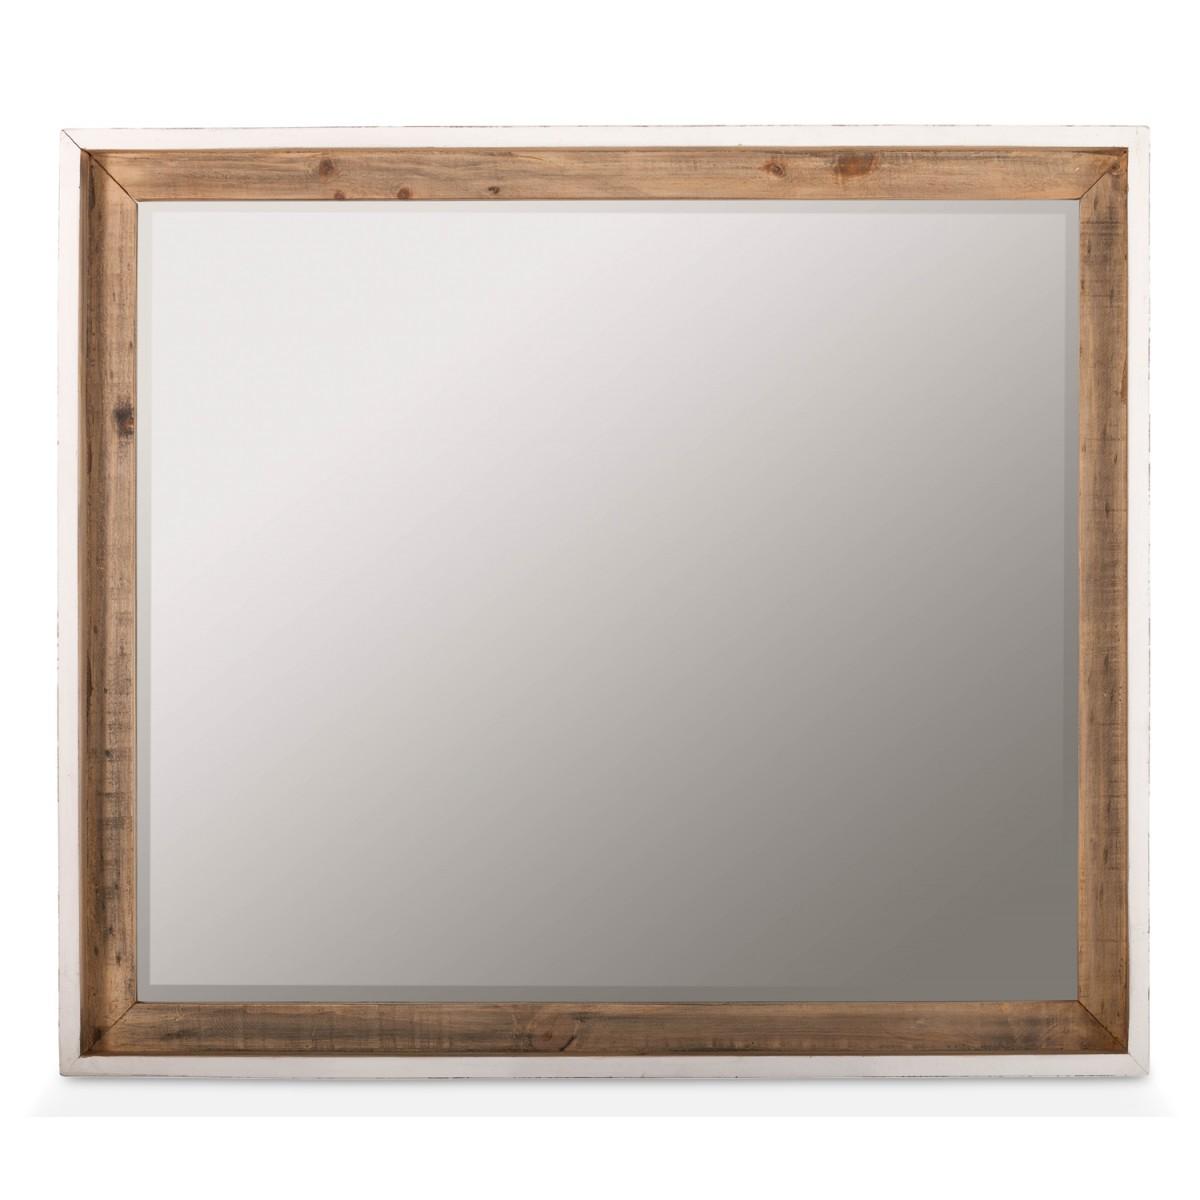 Miroir Bois Blanc 110x110x95cm